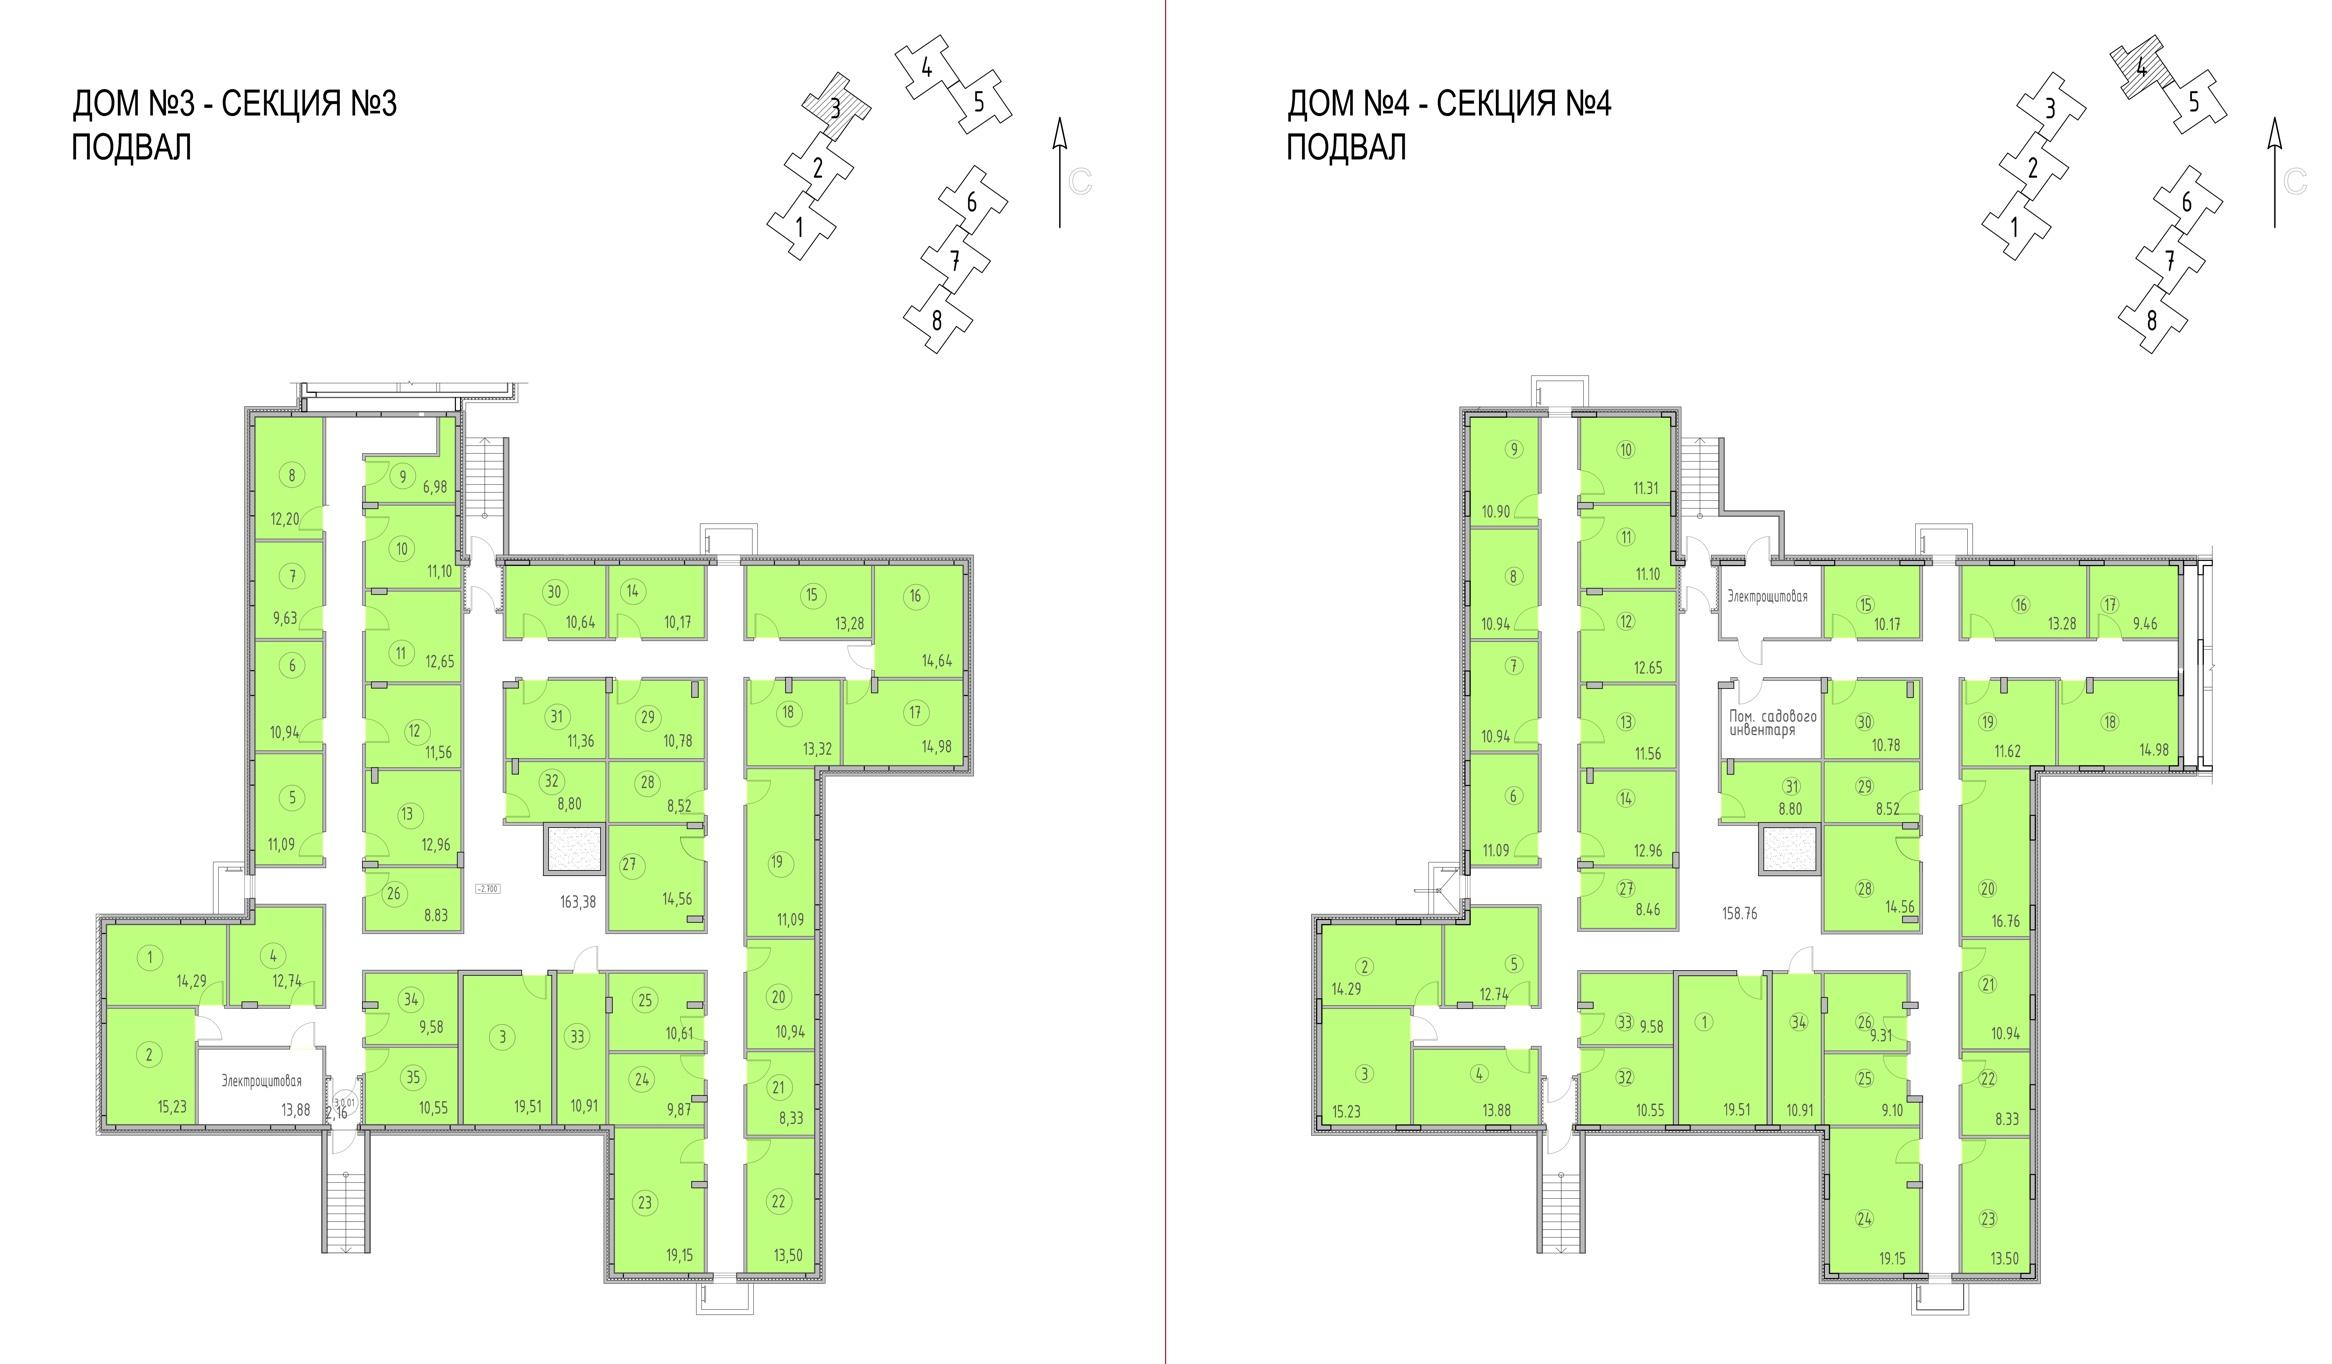 Кладовые домов 3 и 4